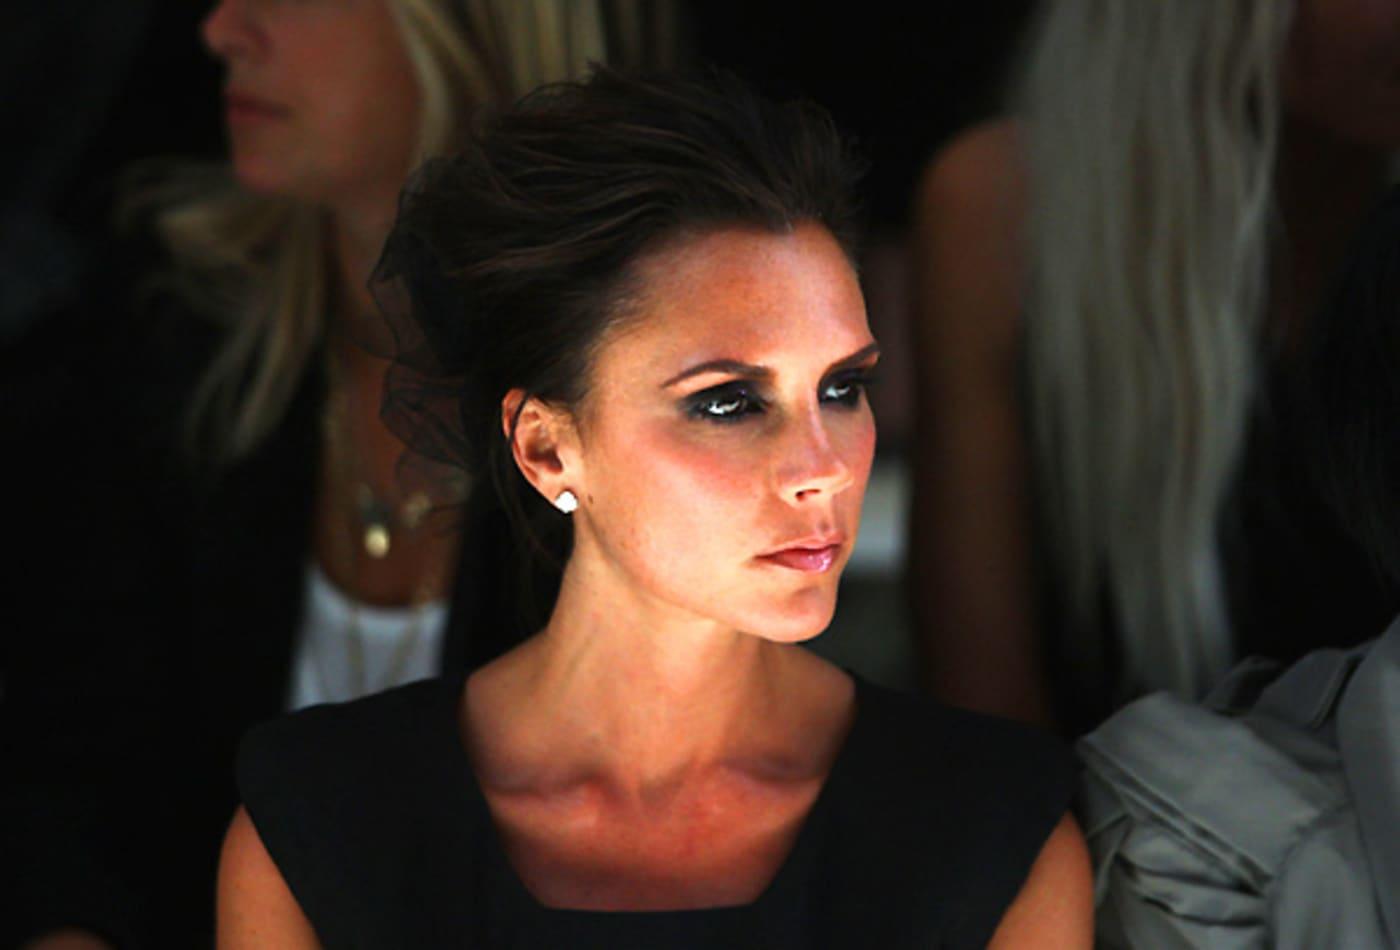 SS_Celebrity_Extravagances_Victoria_Beckham.jpg